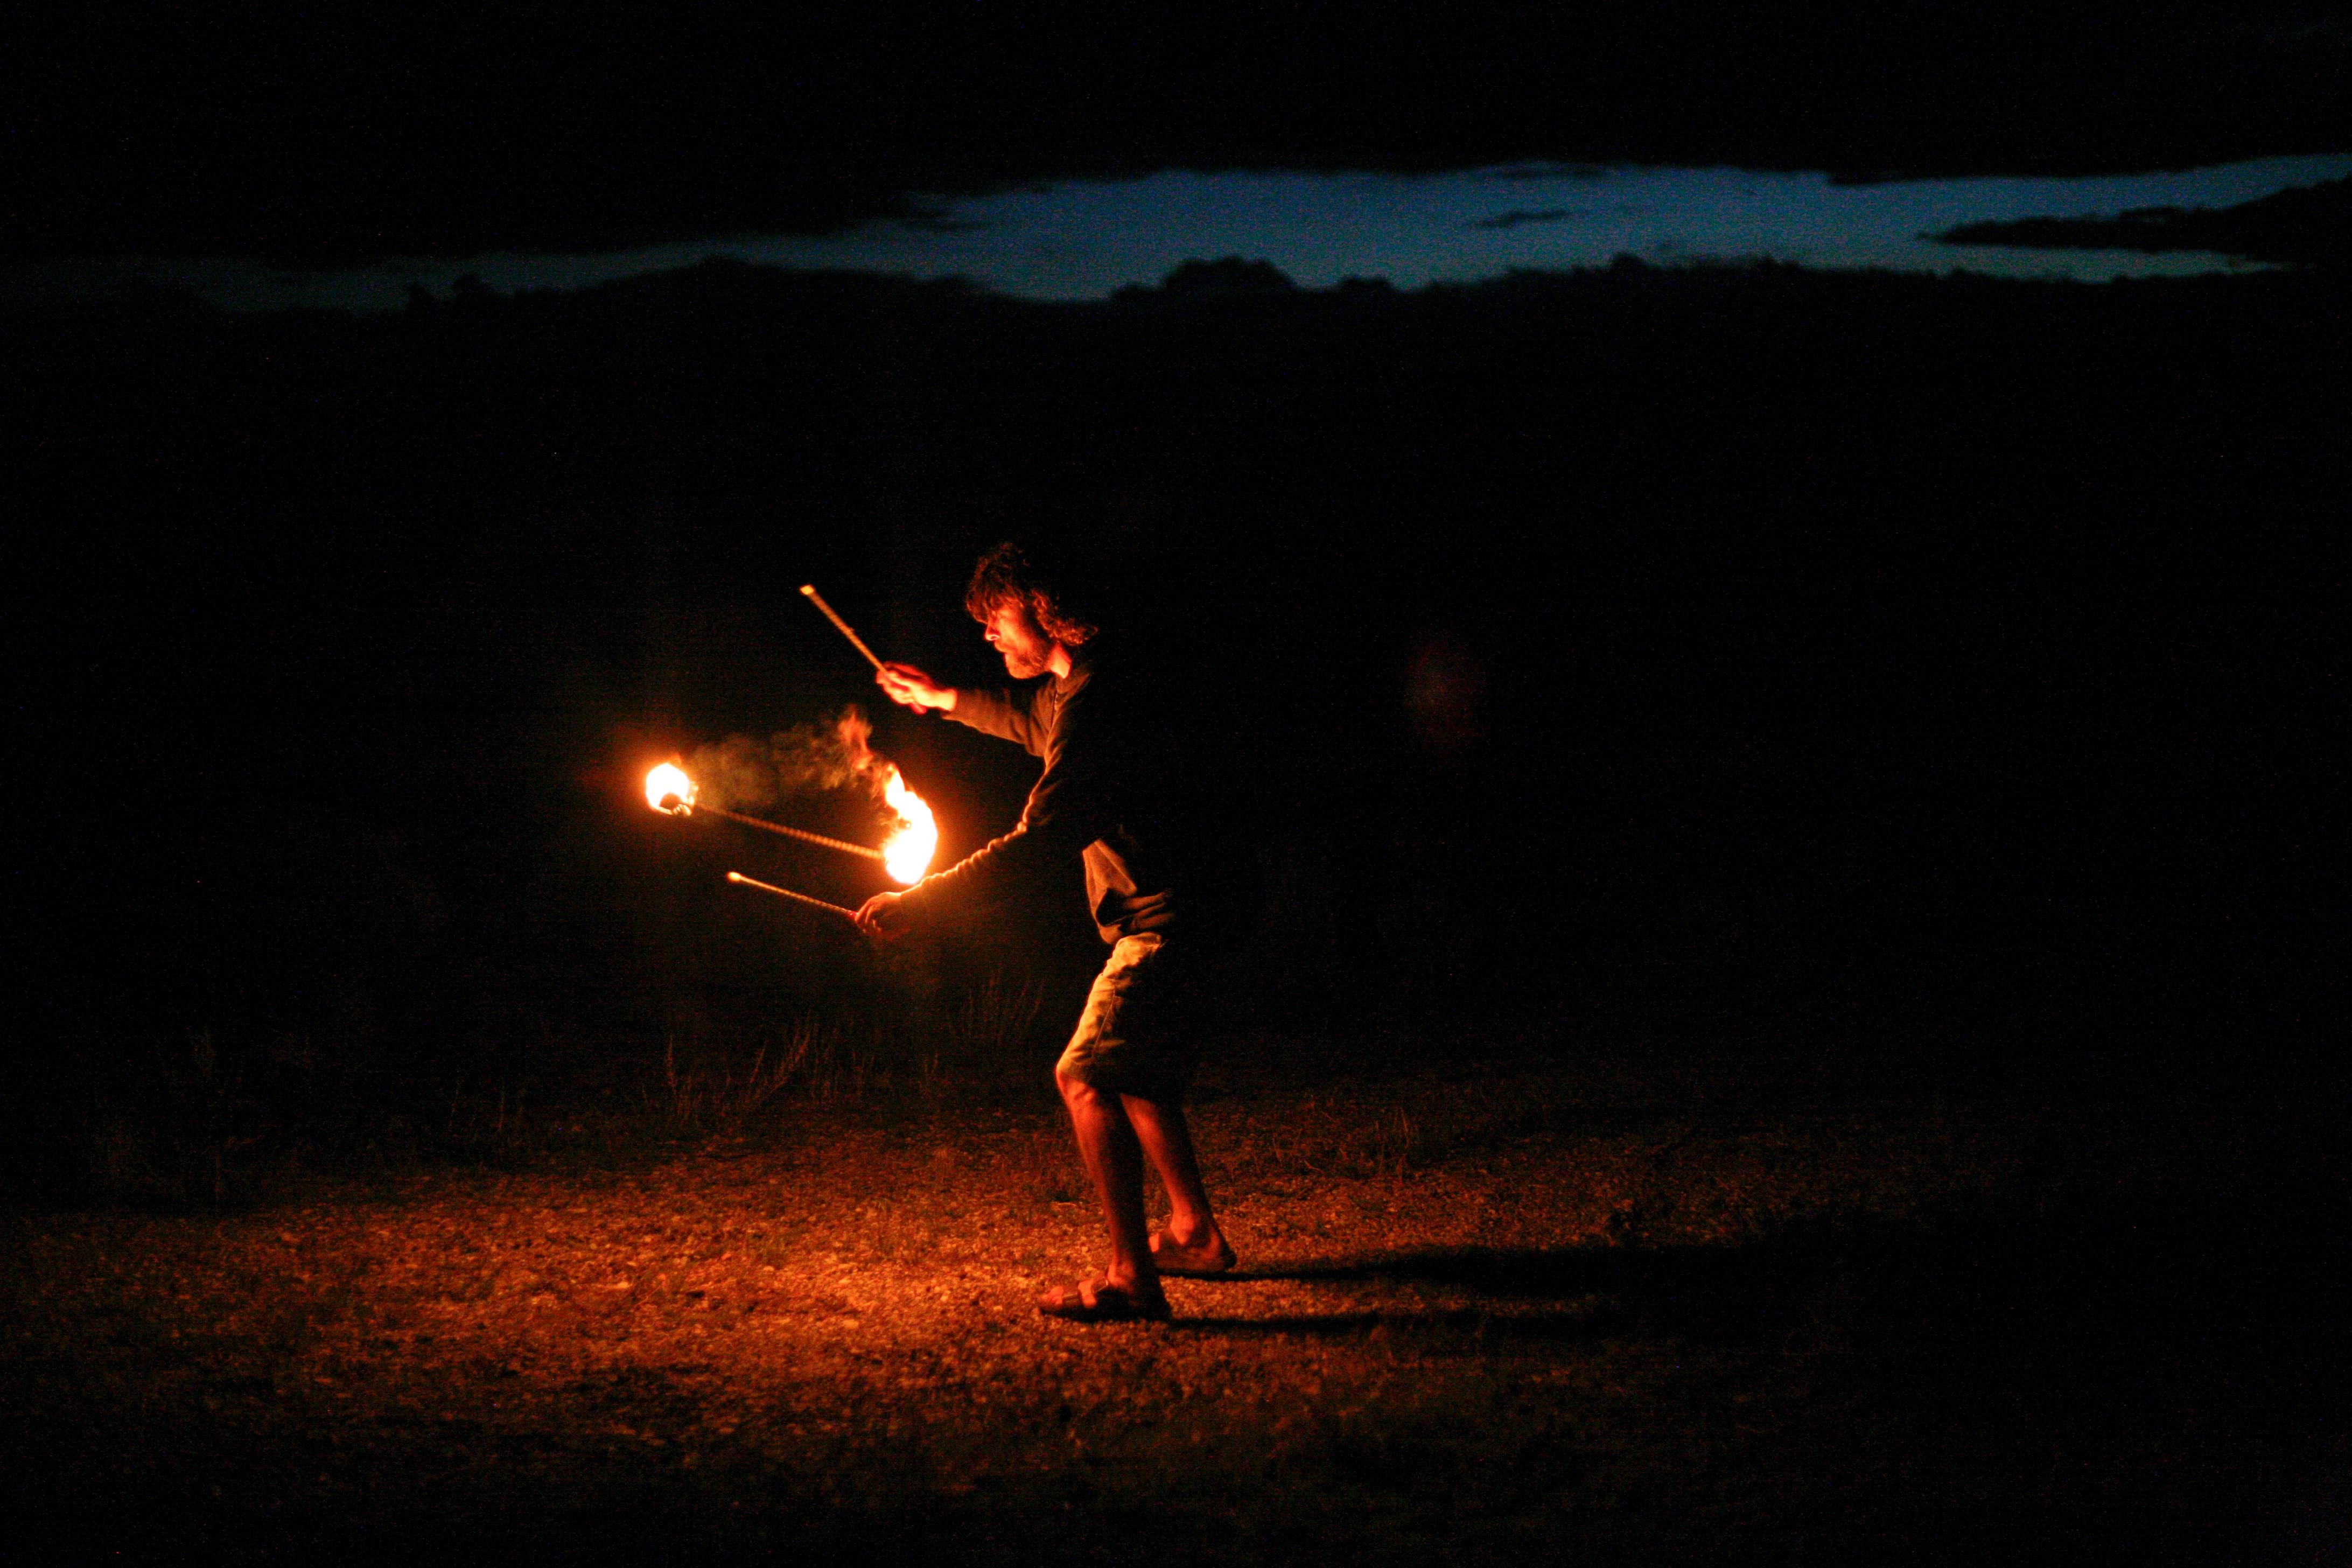 Fire Spin Stix